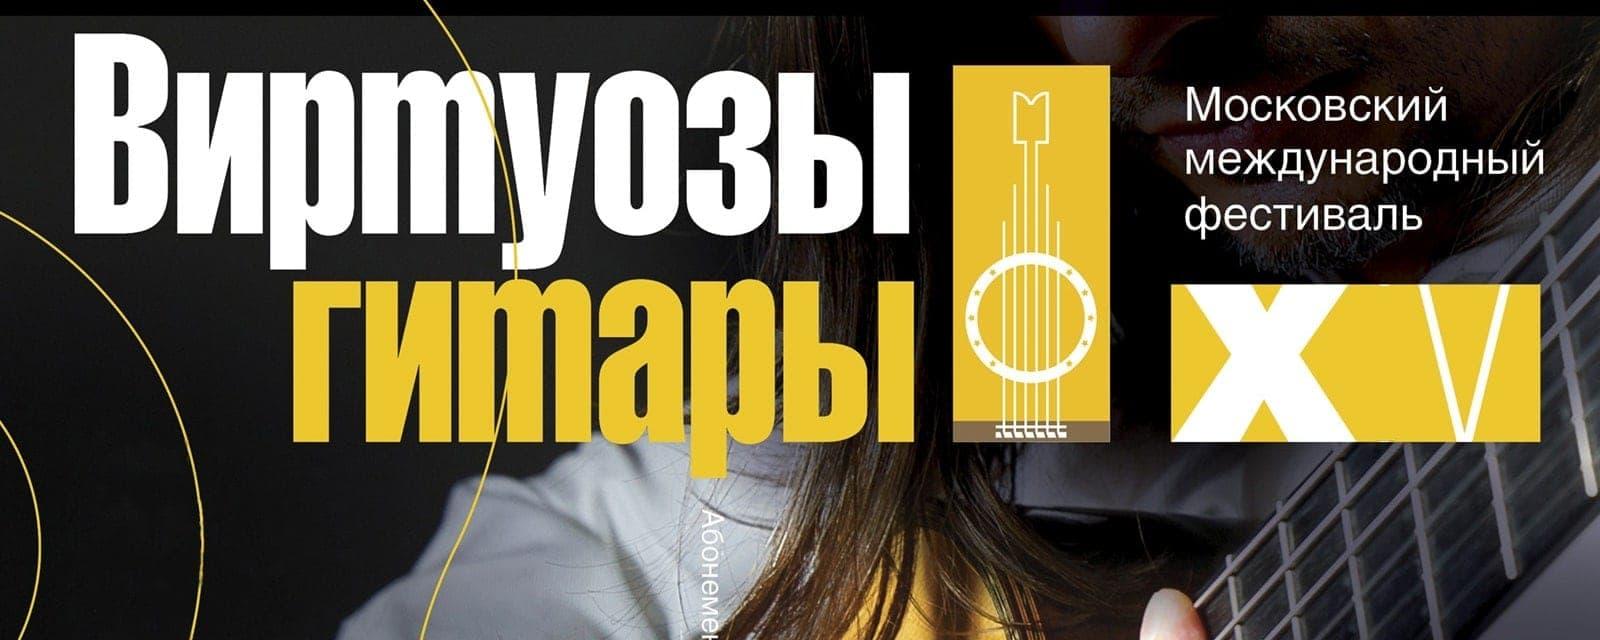 XV международный фестиваль «Виртуозы гитары» пройдет в Москве